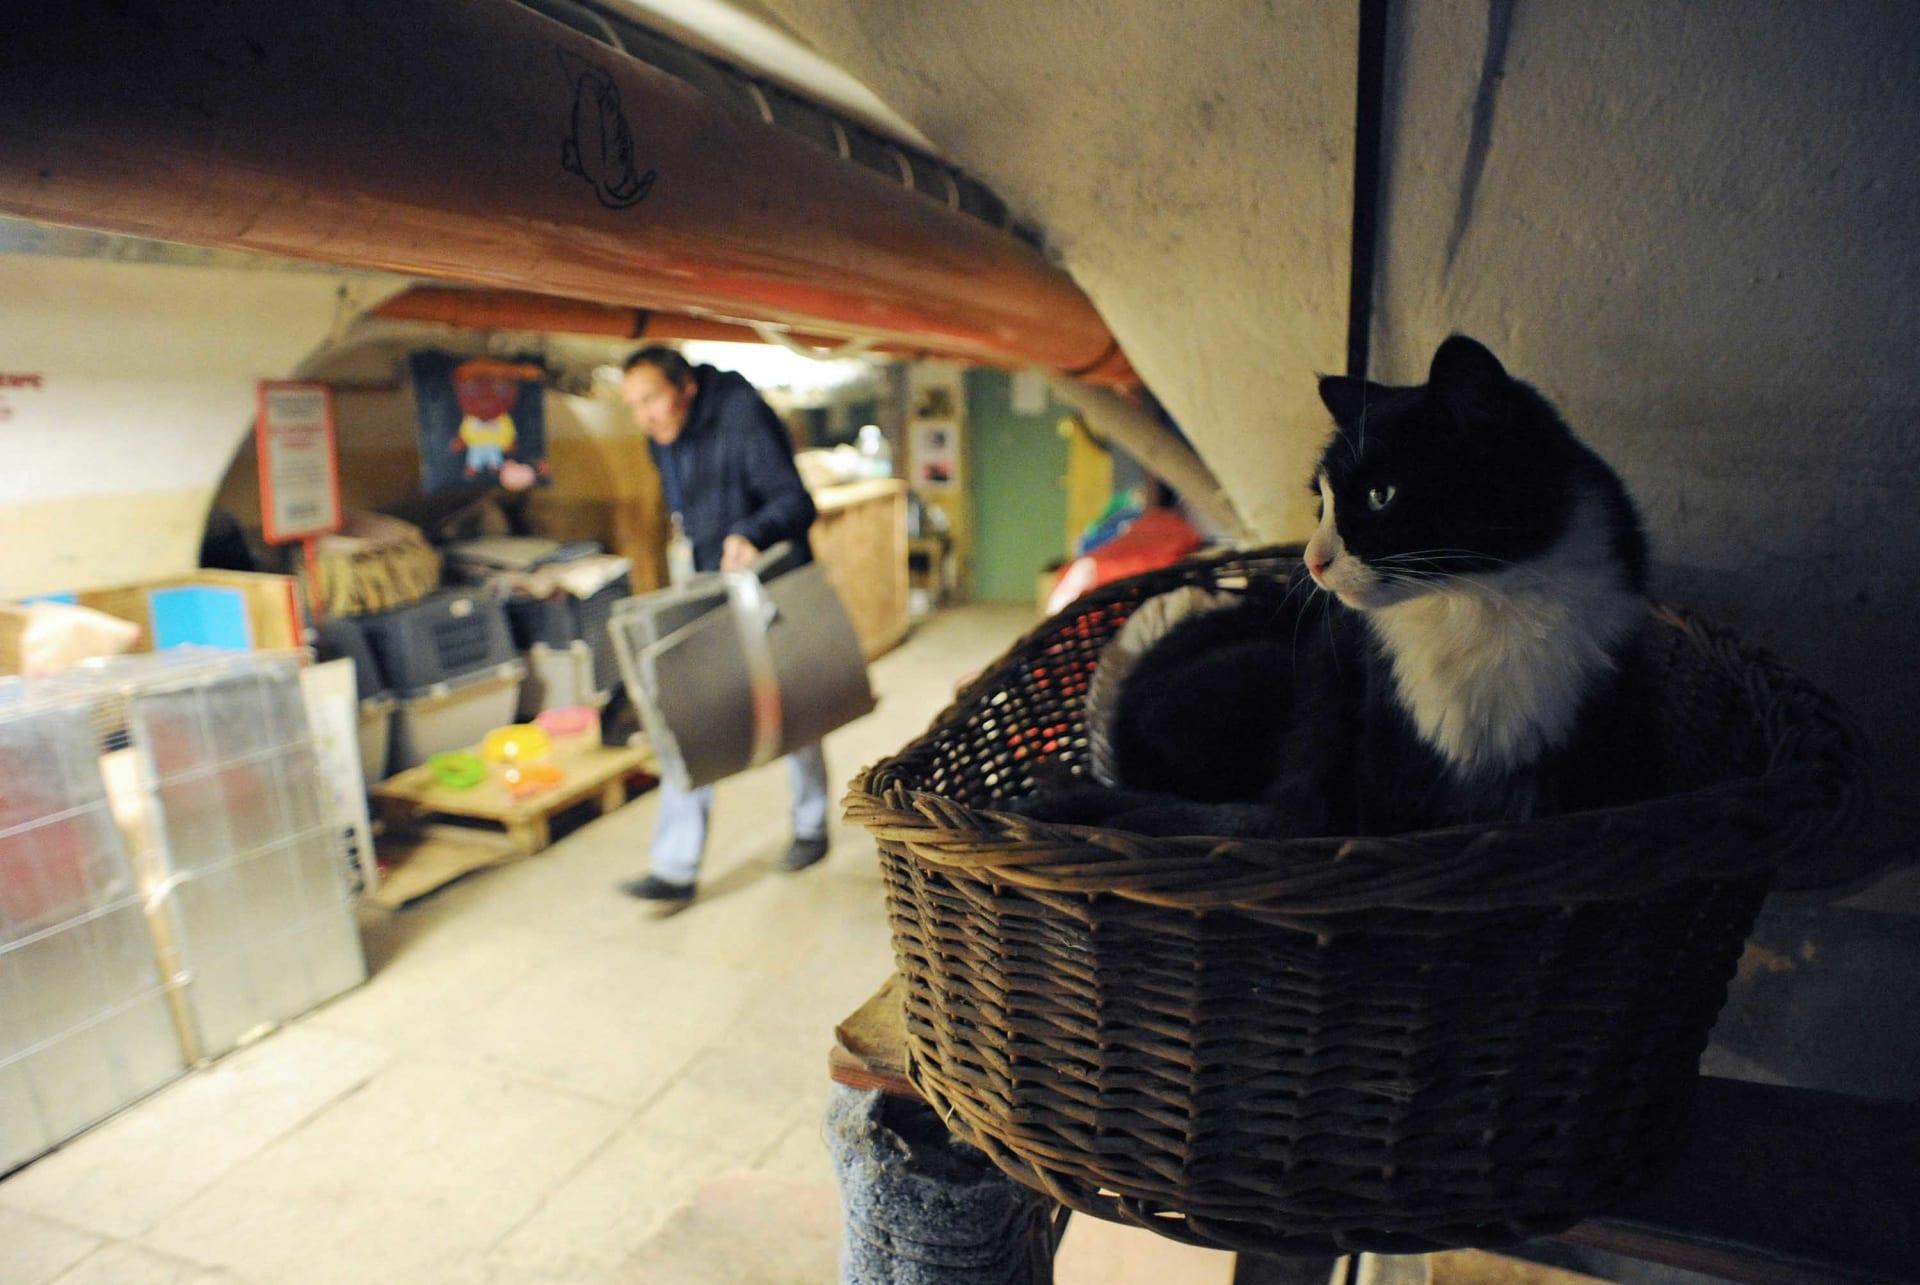 كجزء من وصيته.. رجل فرنسي يترك مبلغا سخيا لقطط تعيش بقبو متحف في روسيا